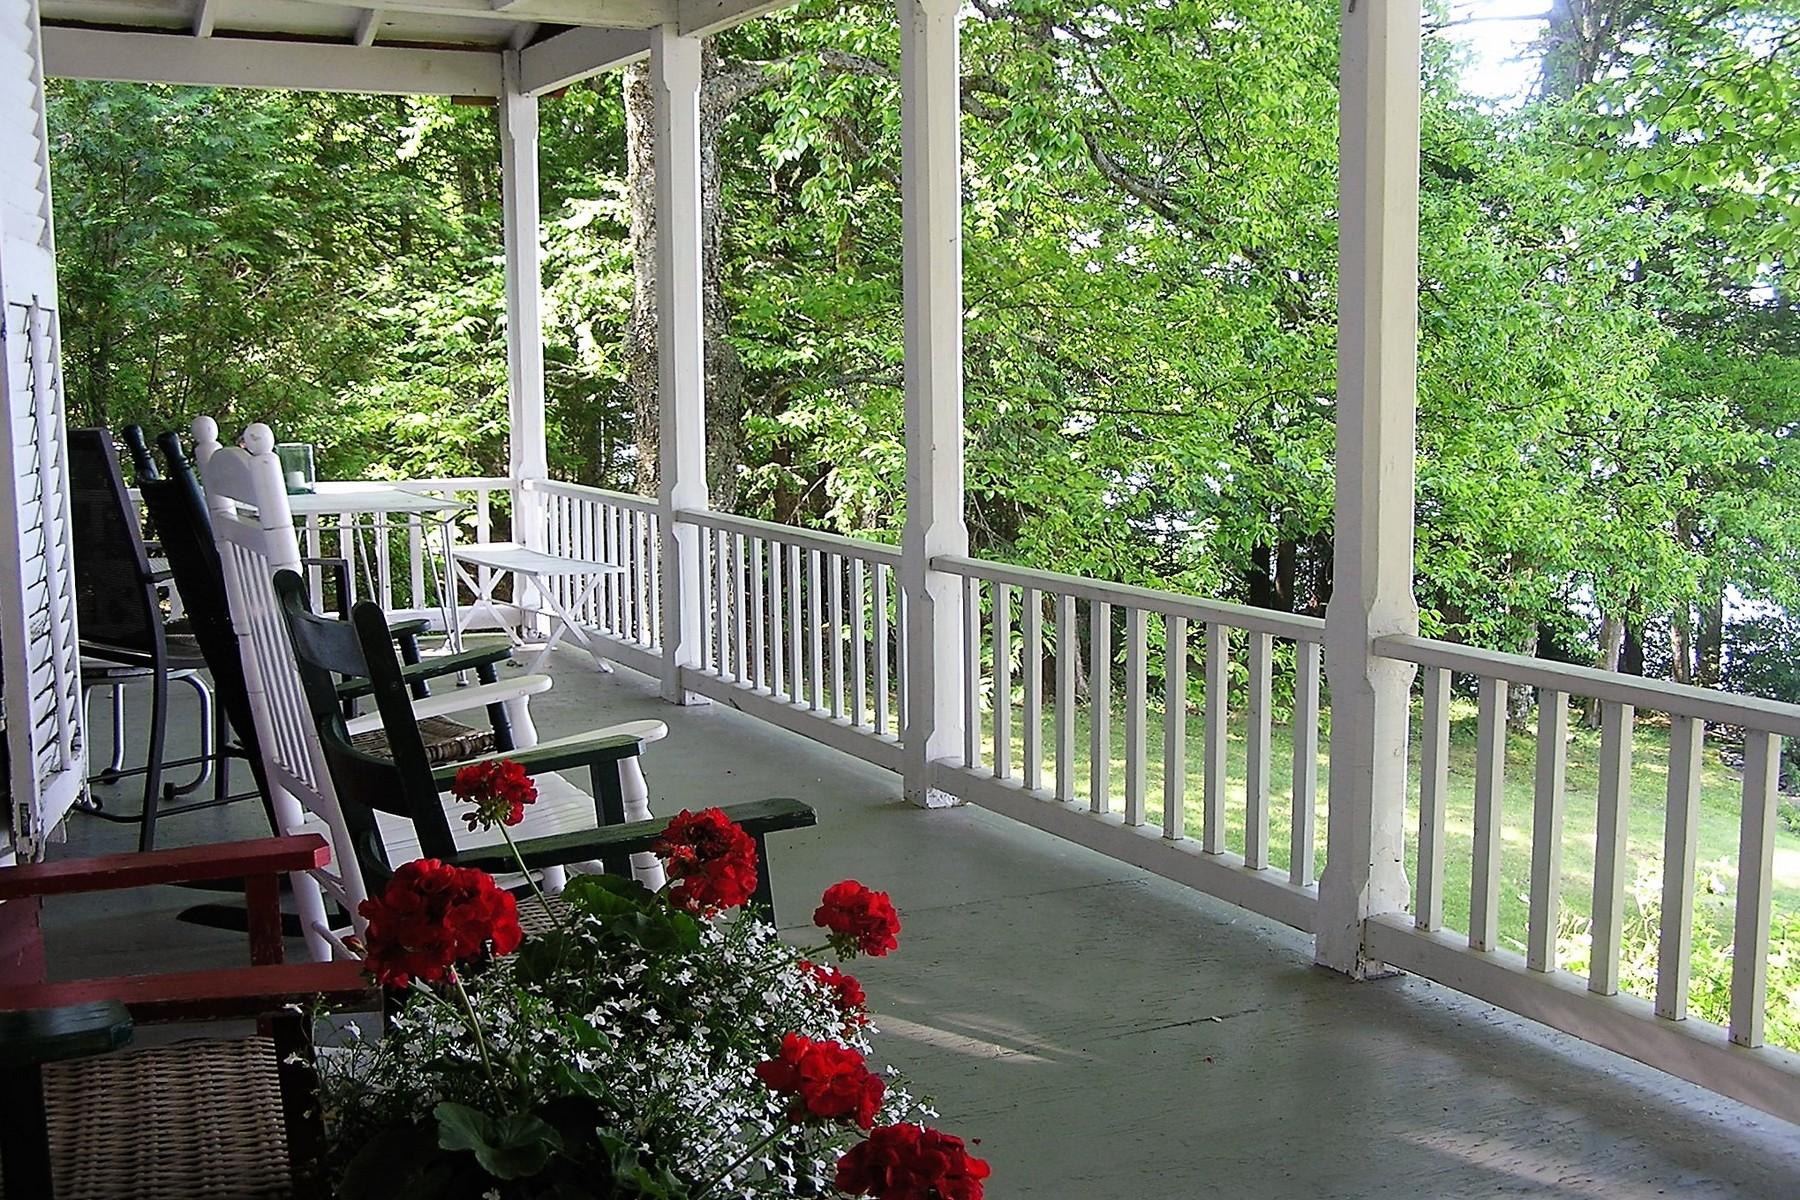 Casa Unifamiliar por un Venta en 137 High Pines, Greensboro Greensboro, Vermont, 05841 Estados Unidos